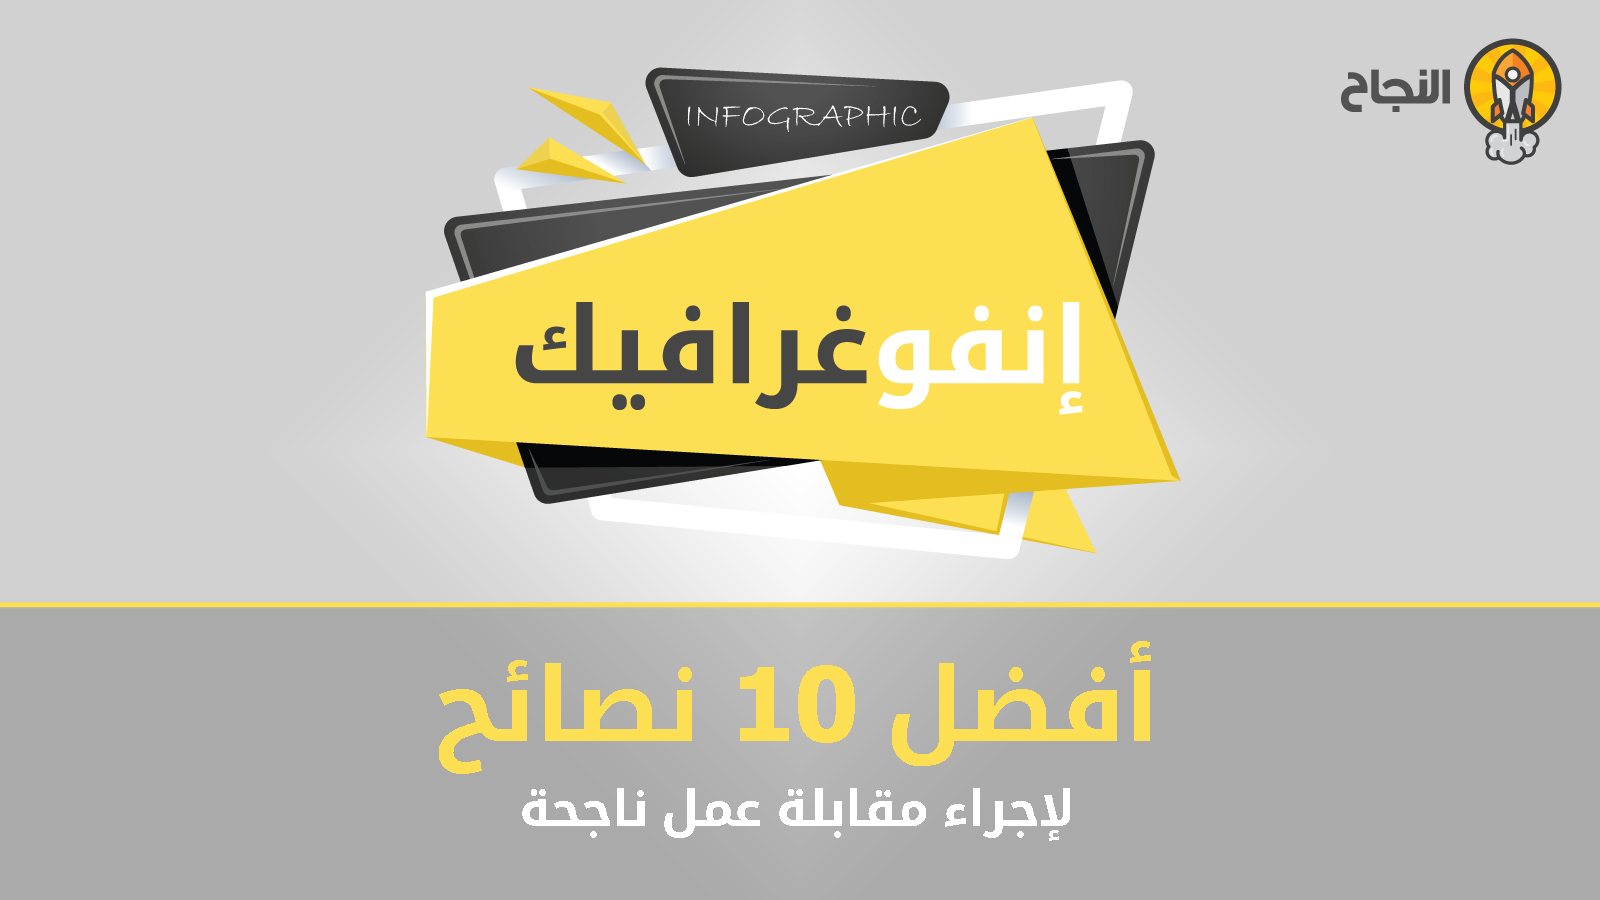 حوار بين شخصين عن الأخلاق موسوعة طيوف Neon Signs Neon Arabic Calligraphy